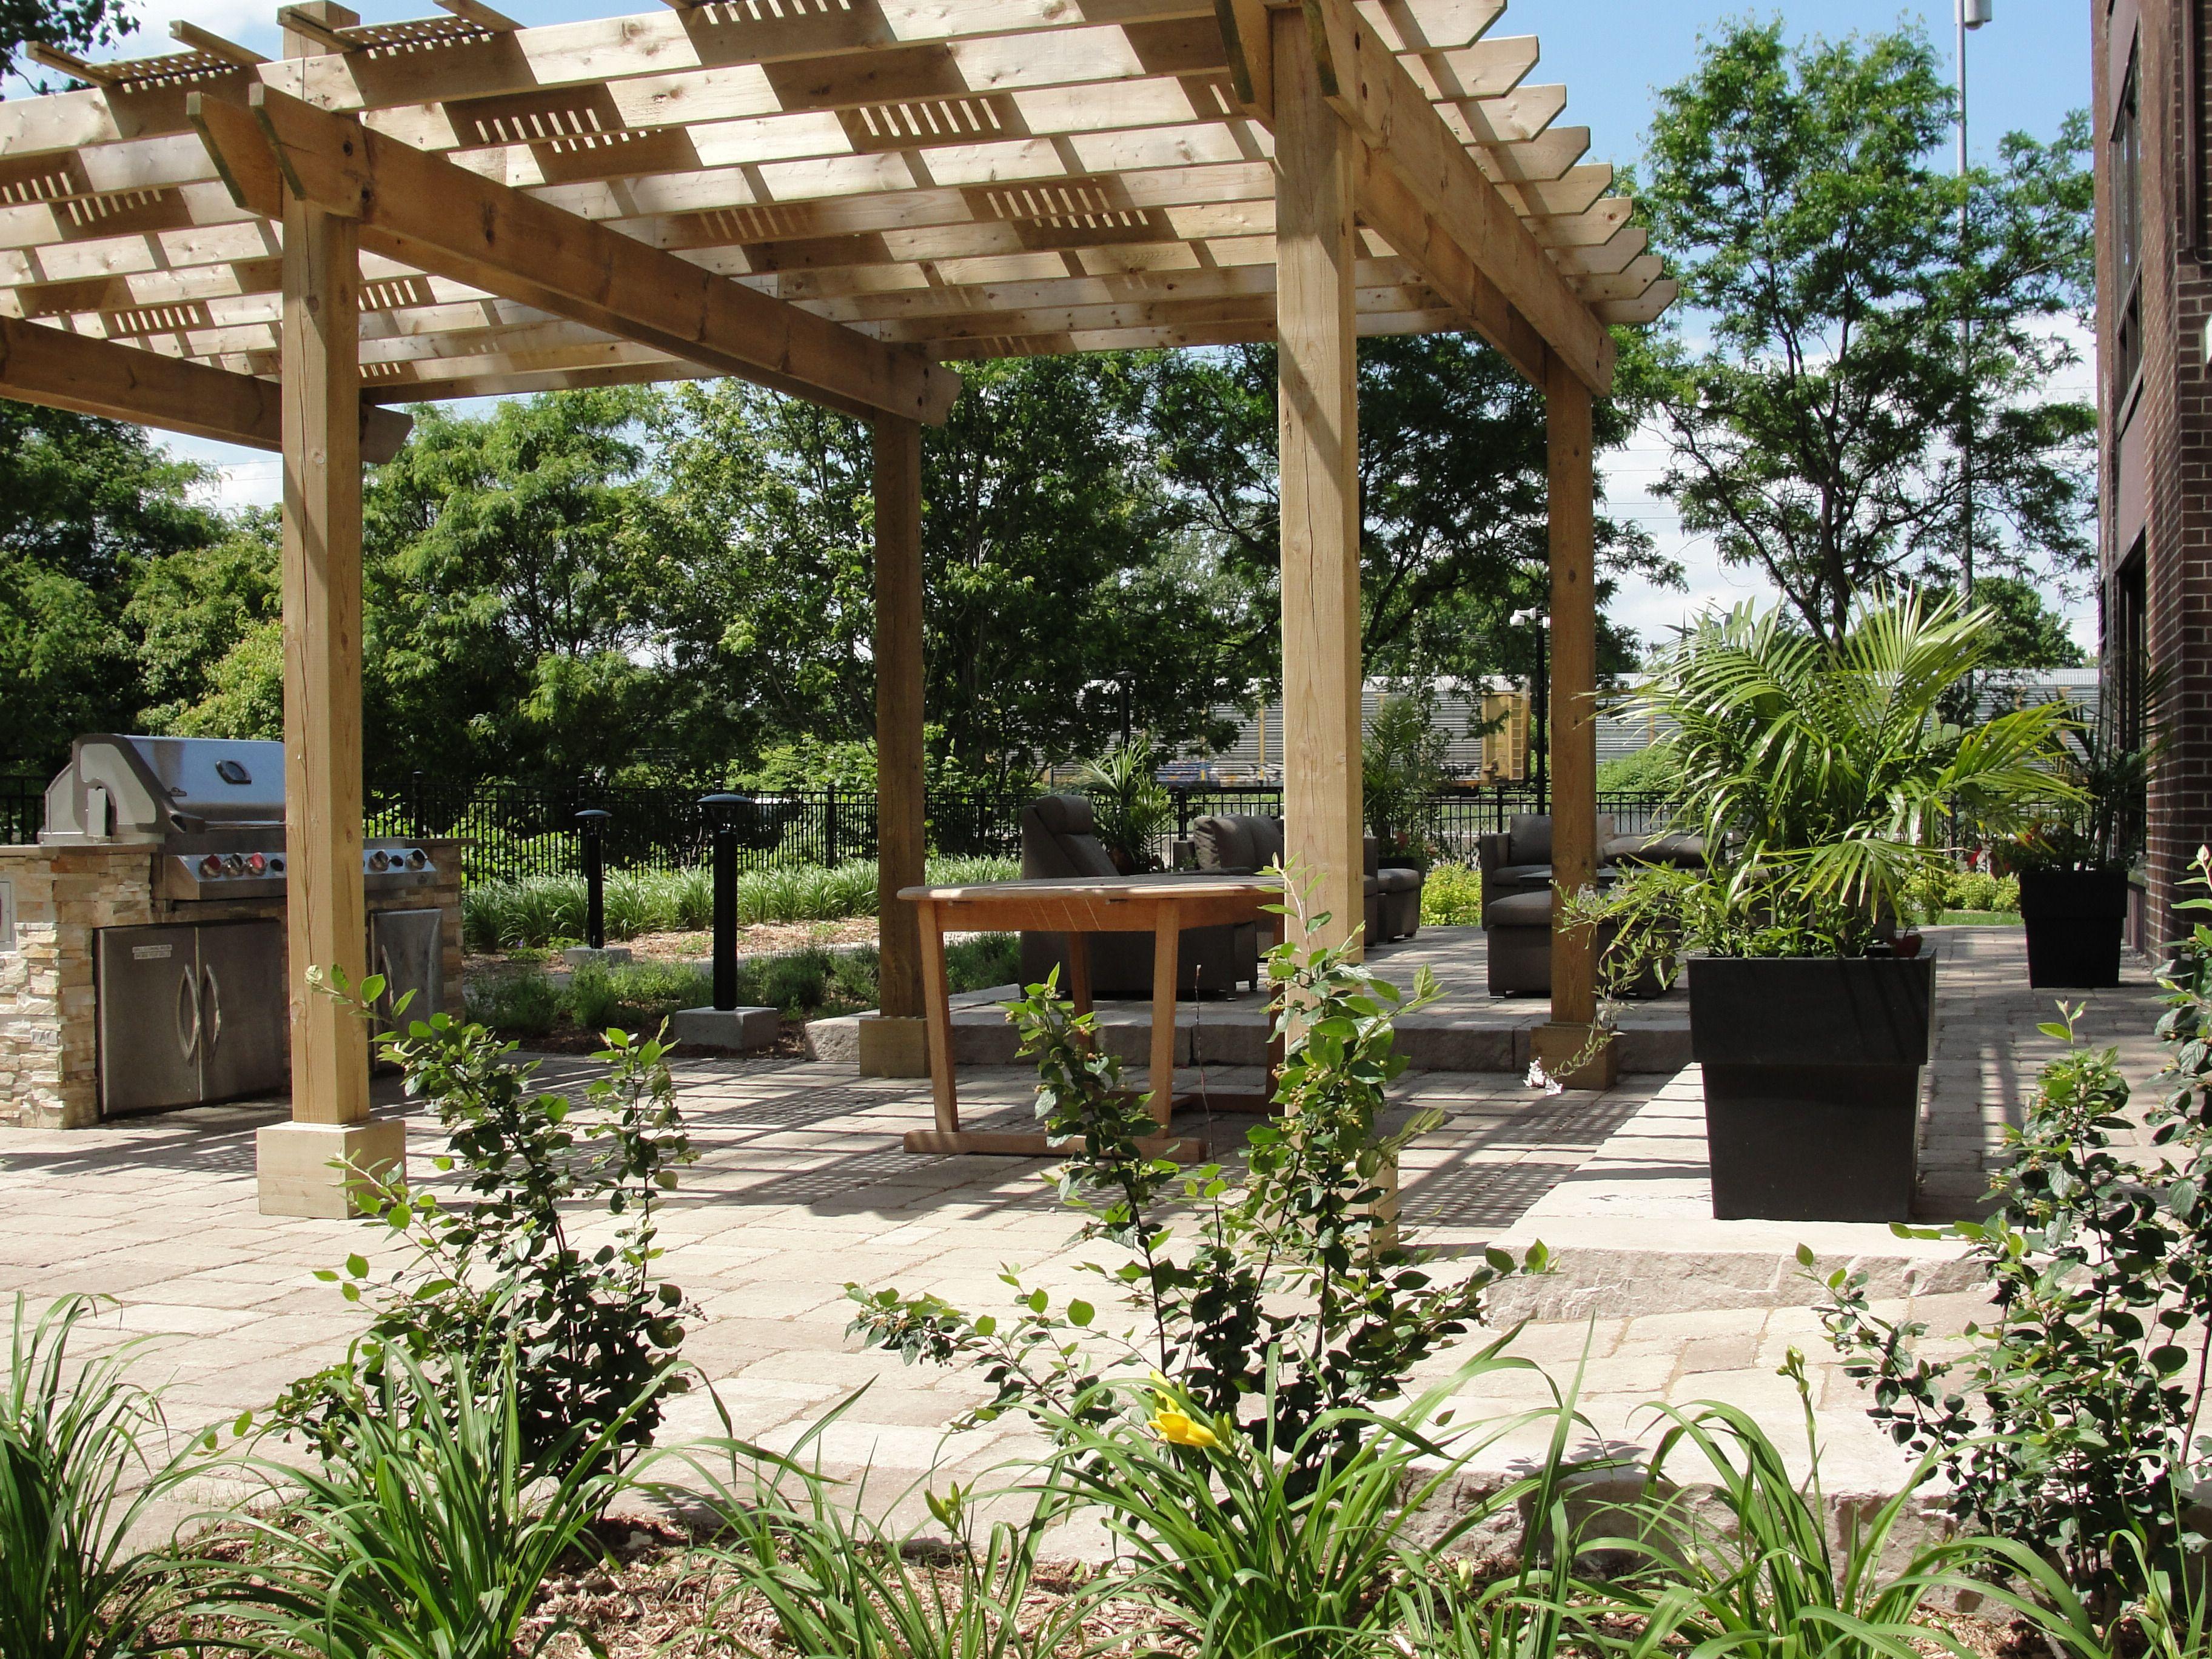 Aménagement d\'une terrasse publique. Pergola en bois de cèdre ...